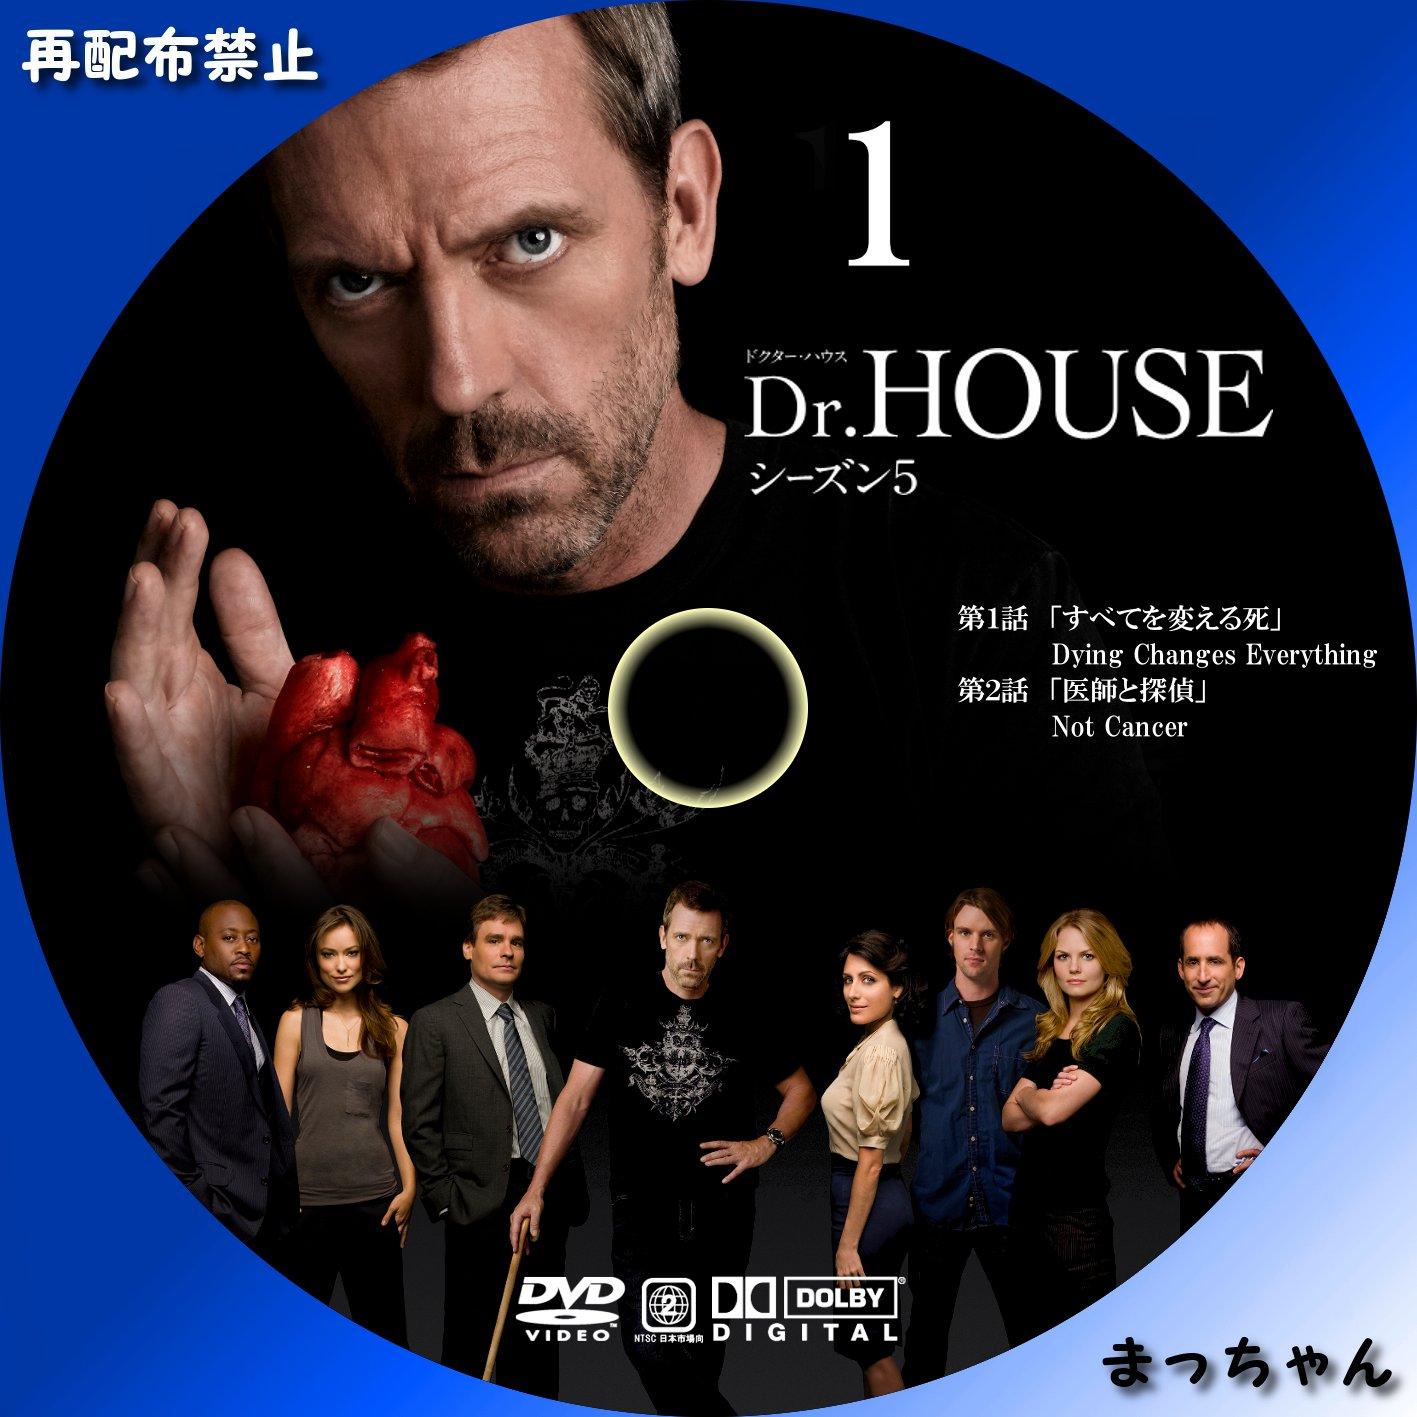 dr house 5 dvd. Black Bedroom Furniture Sets. Home Design Ideas